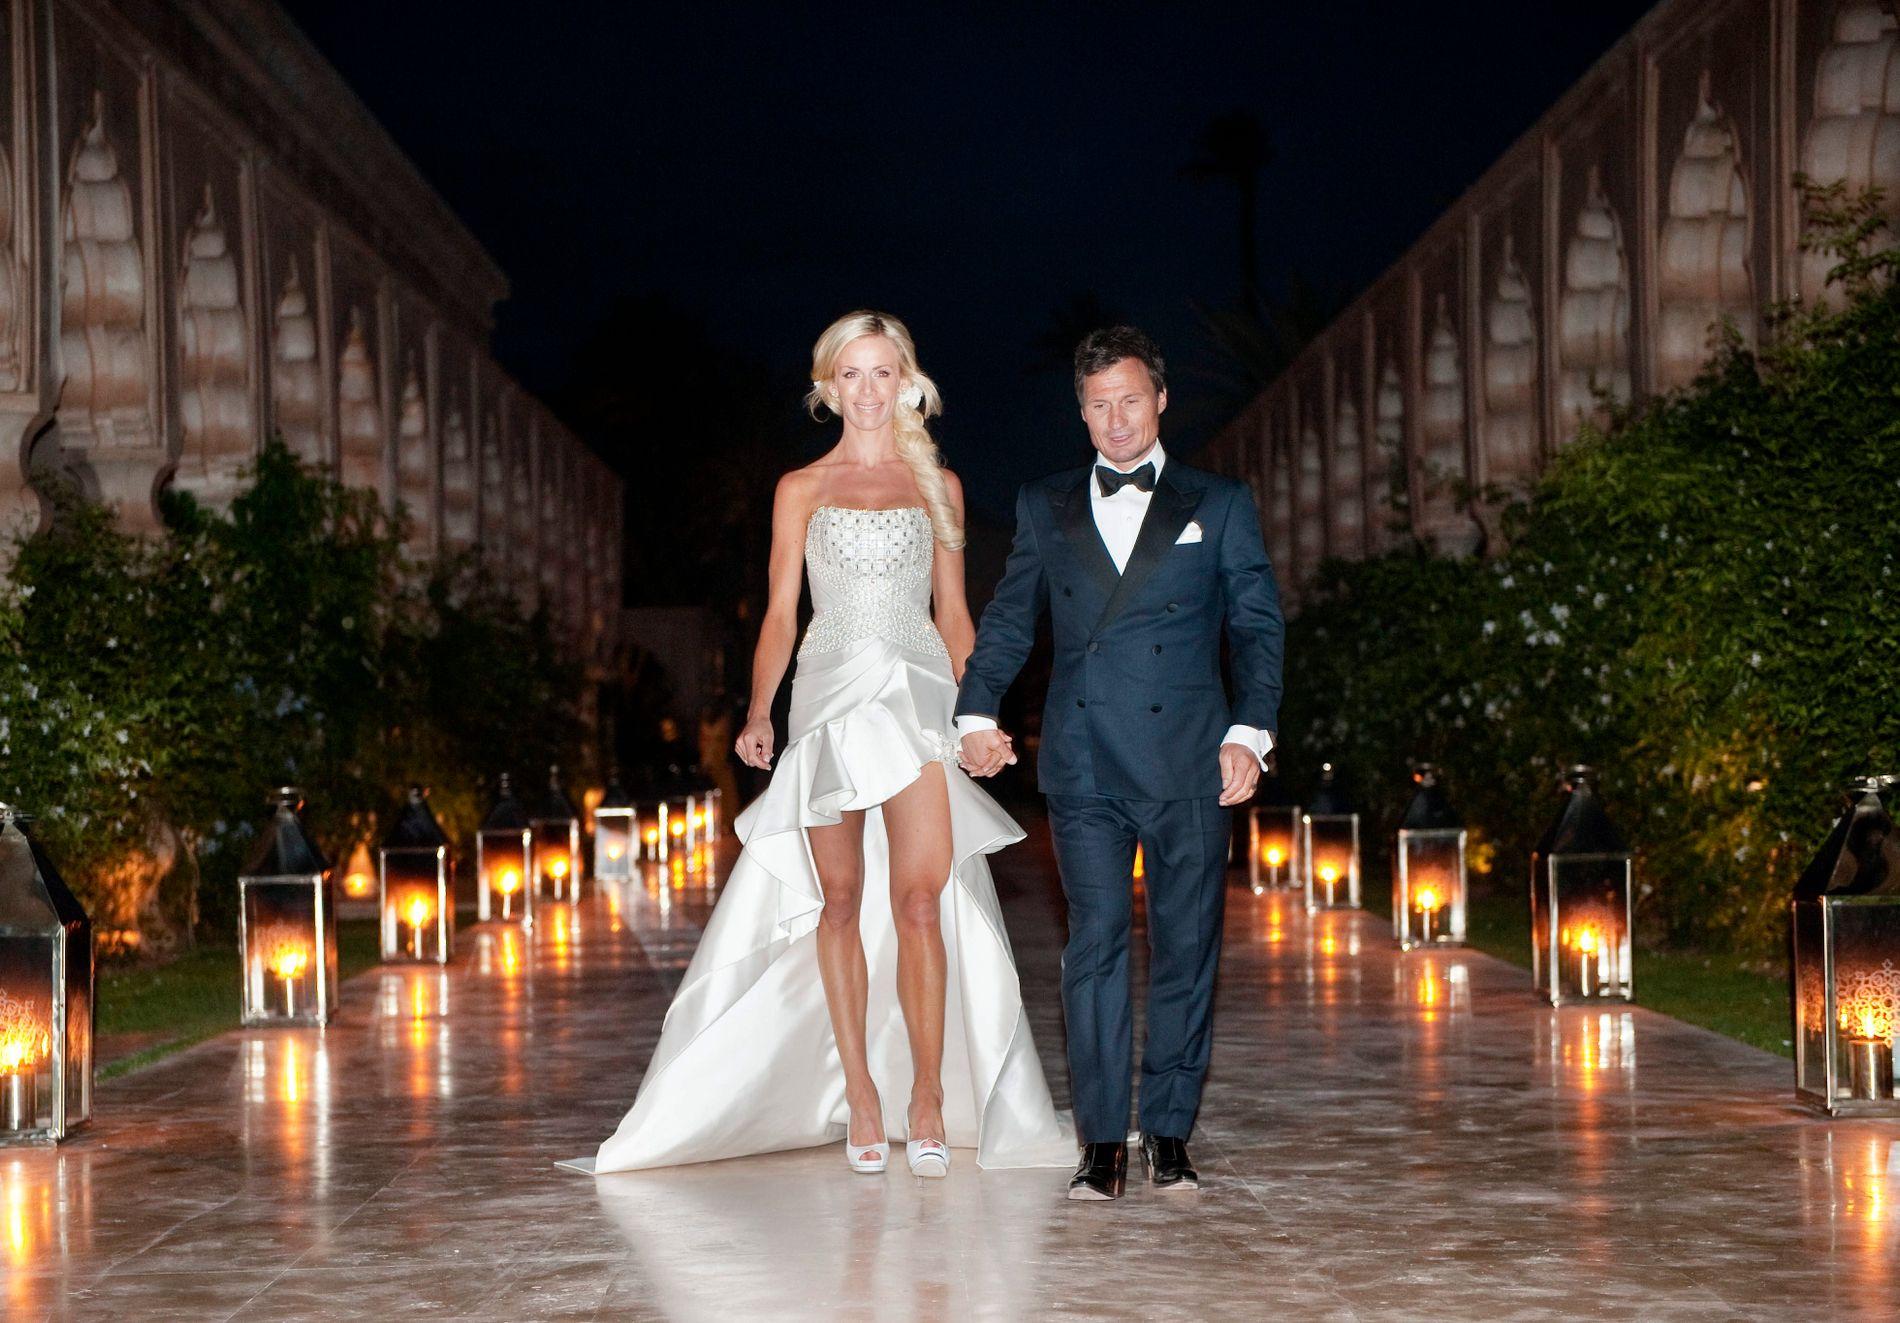 GIFTET SEG I 2010: Gunhild og Petter giftet seg i Marrakech i 2010.